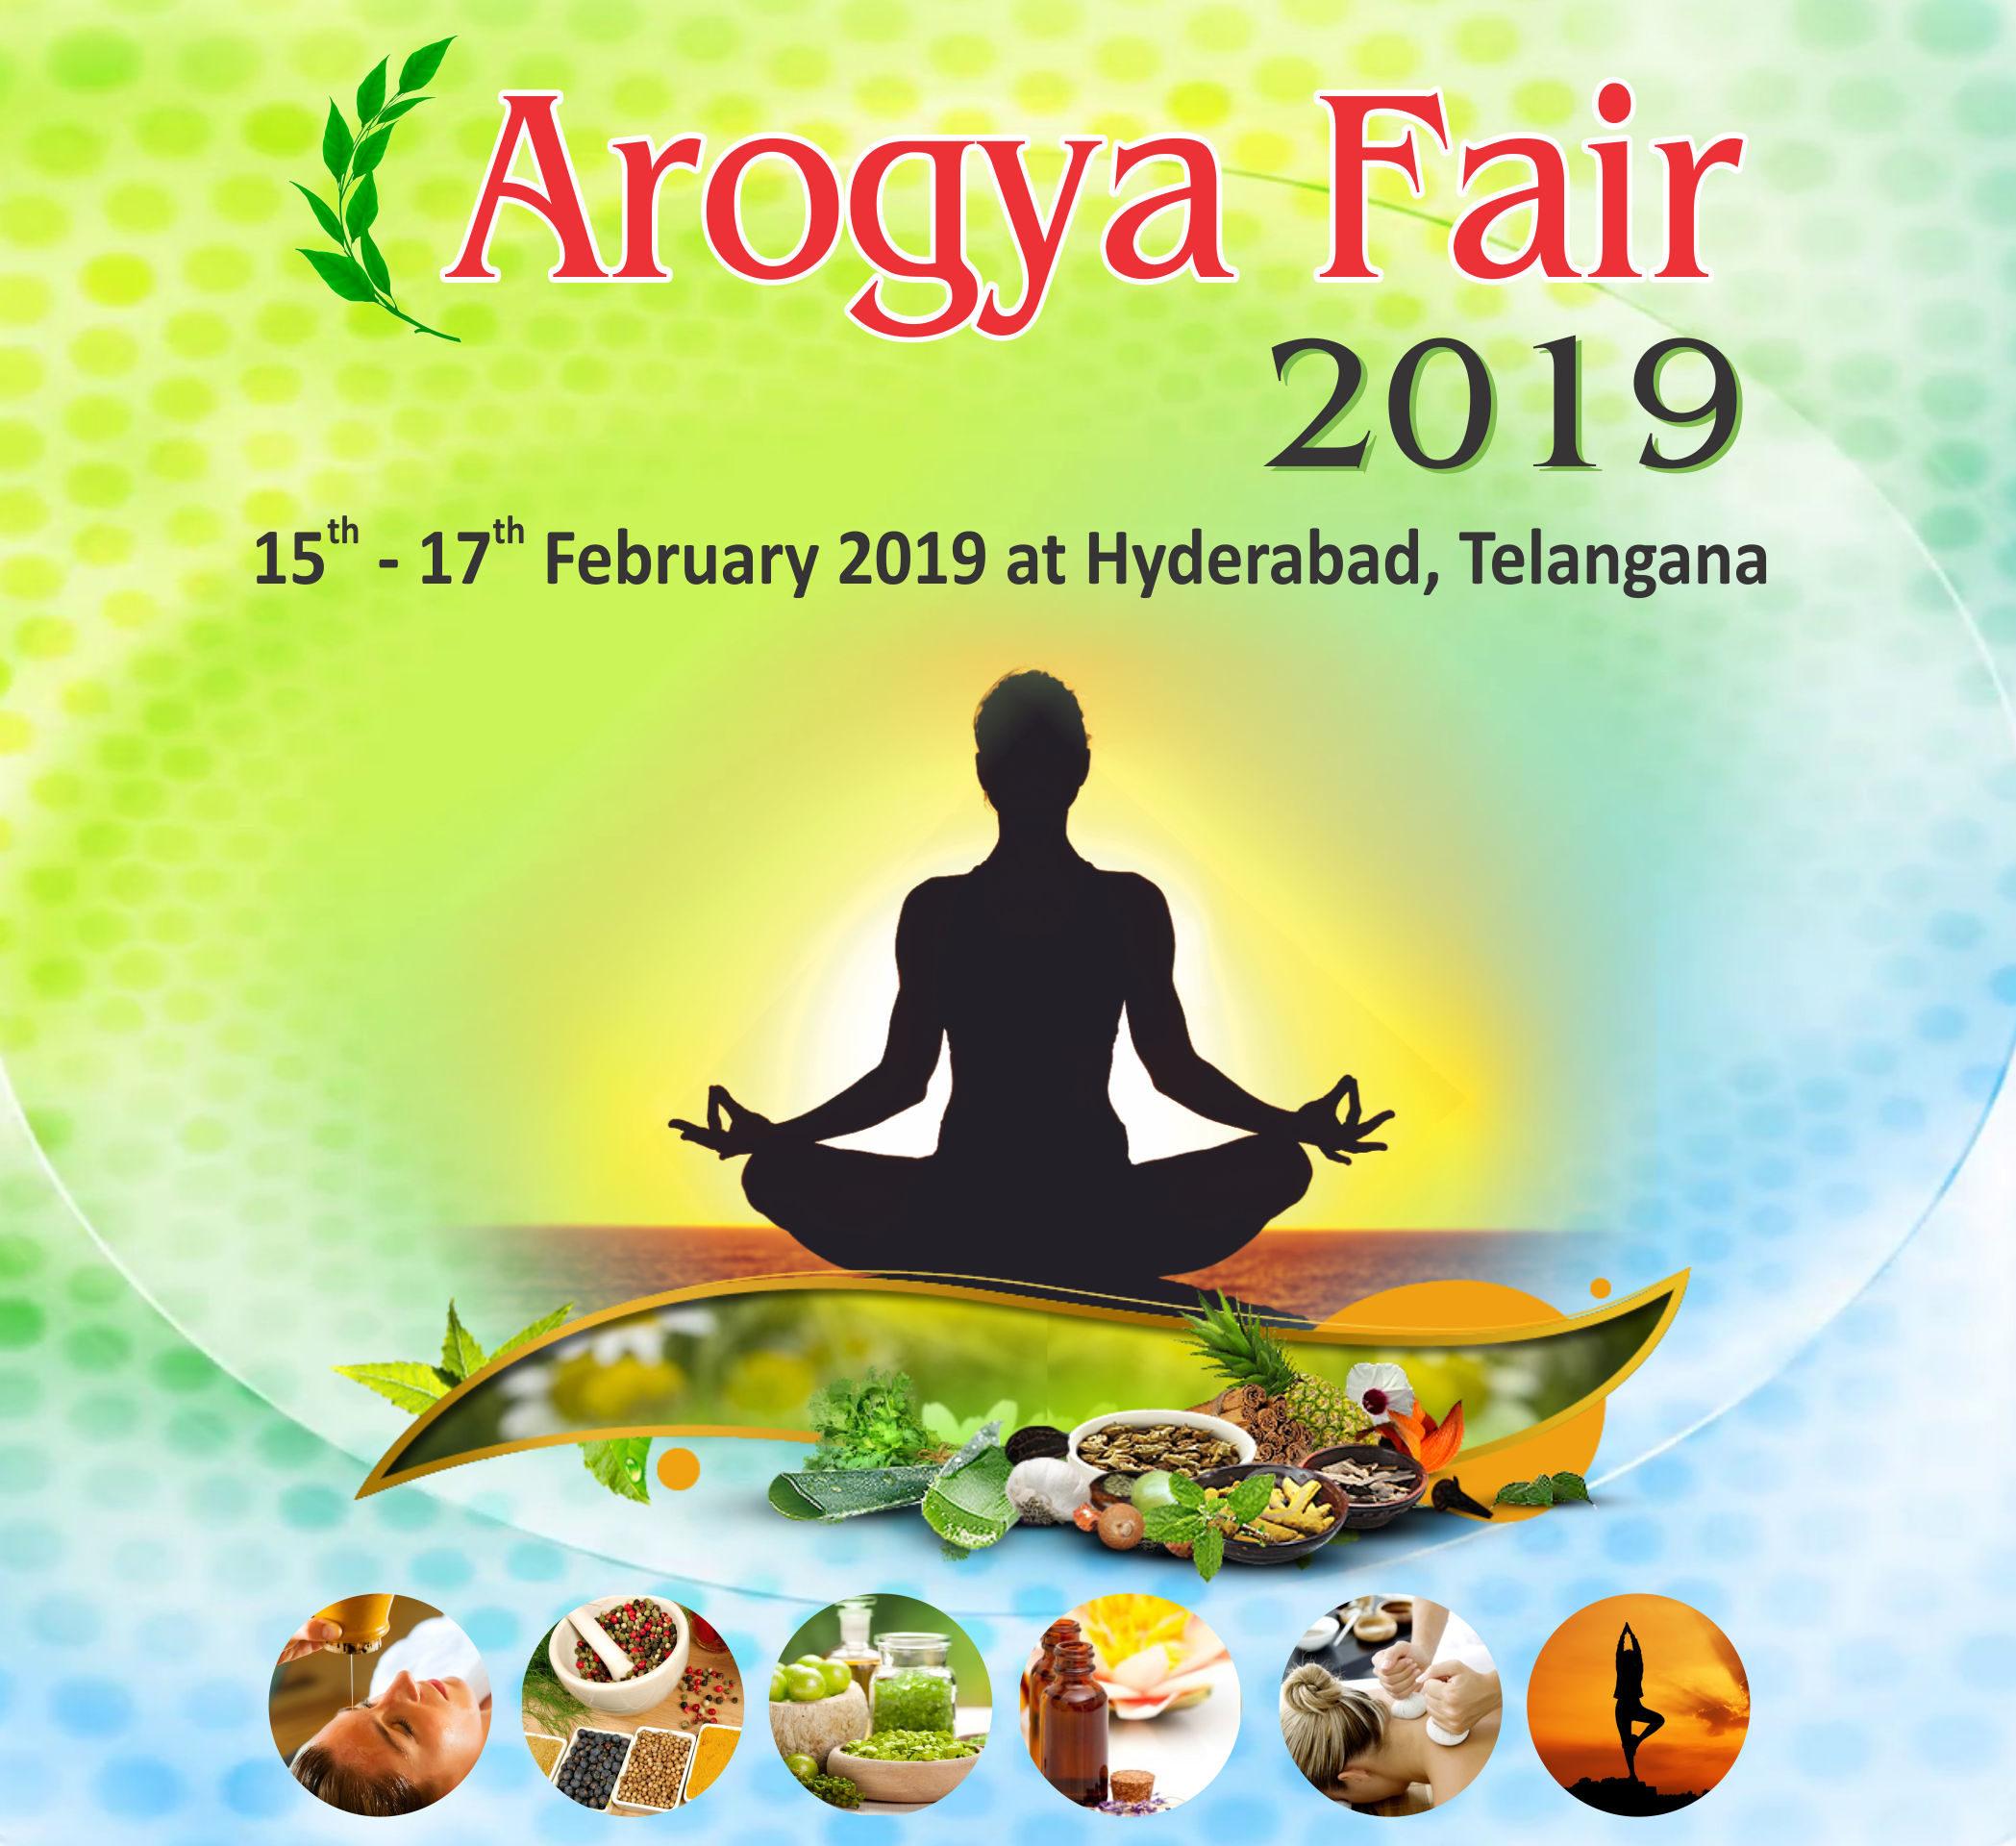 Arogya Fair 2019